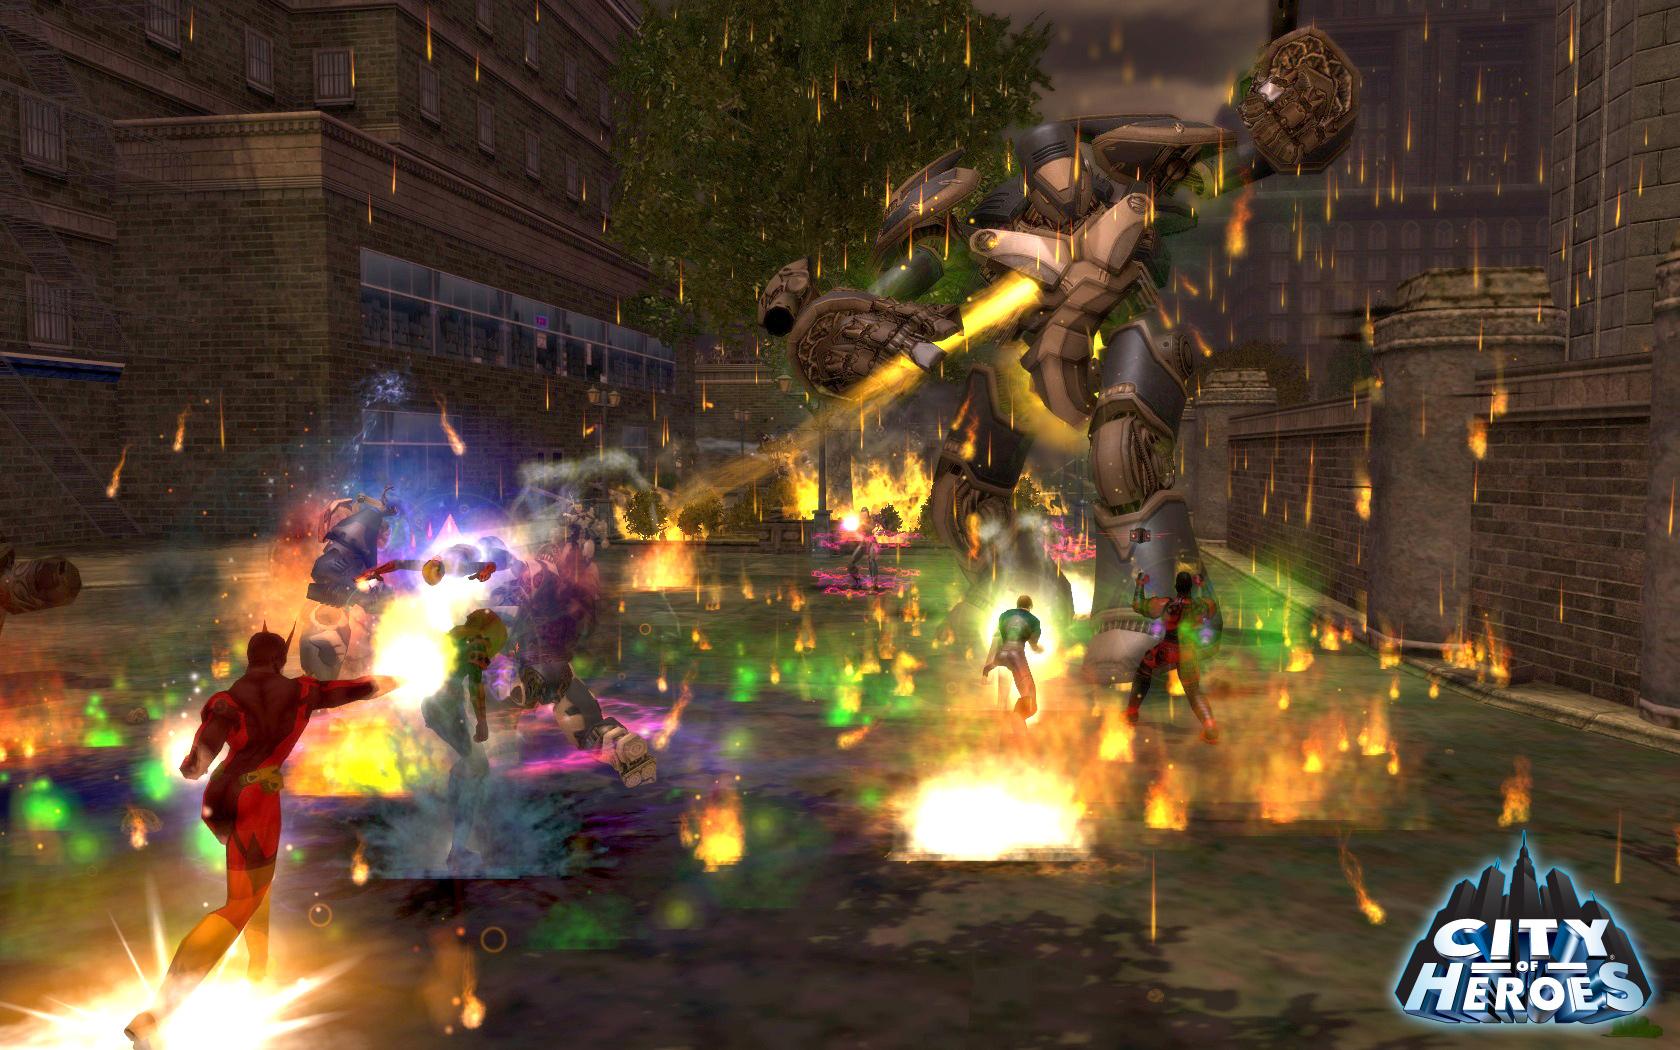 City of Heroes (2004): des combats épiques, même si souvent un peu brouillons